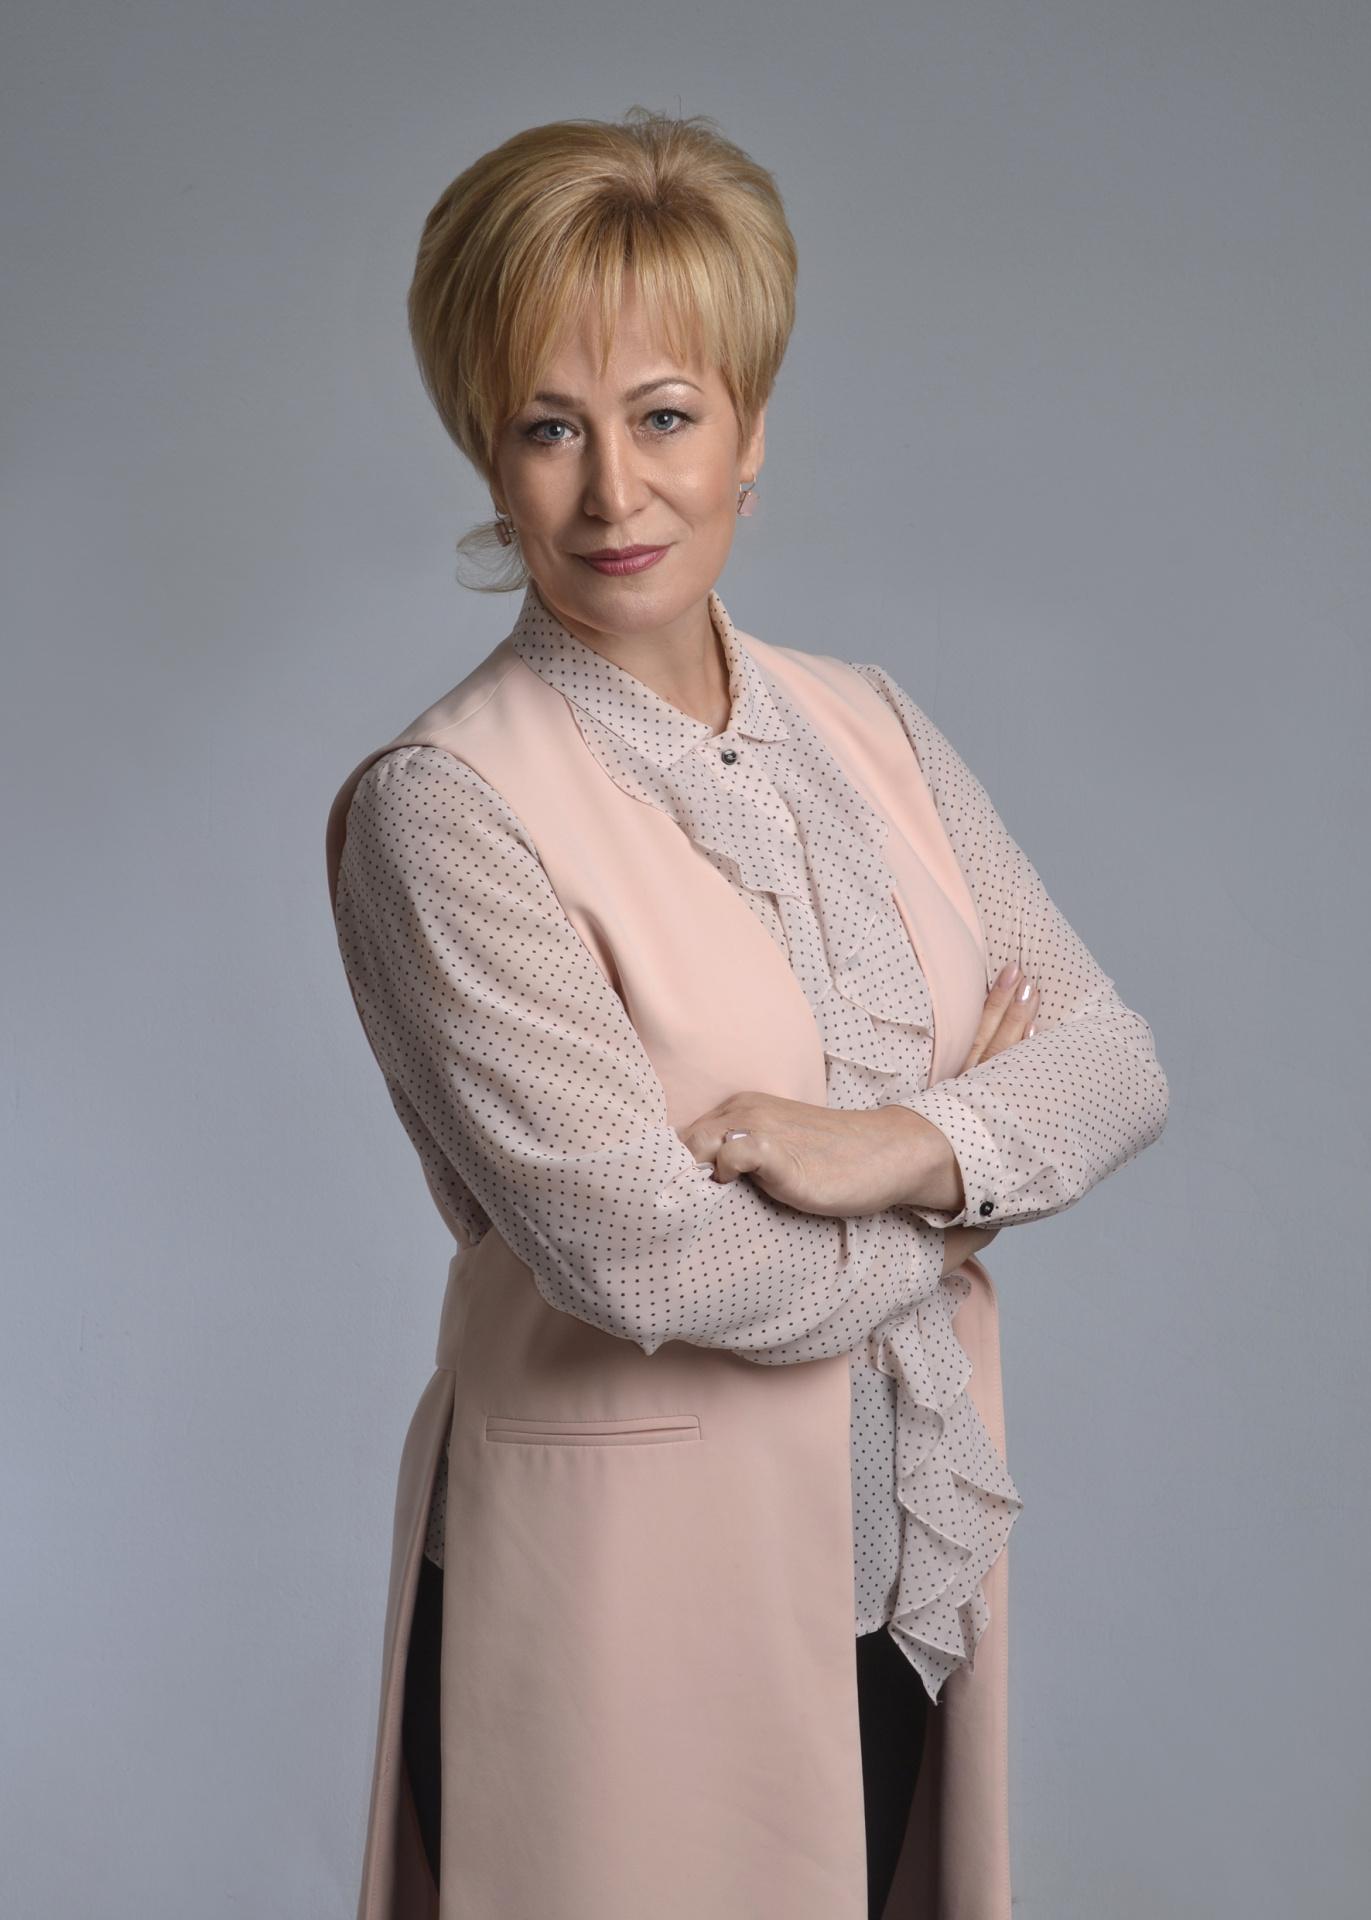 Аватар - Уполномоченный по правам человека в Ивановской области Шмелева Светлана Анатольевна